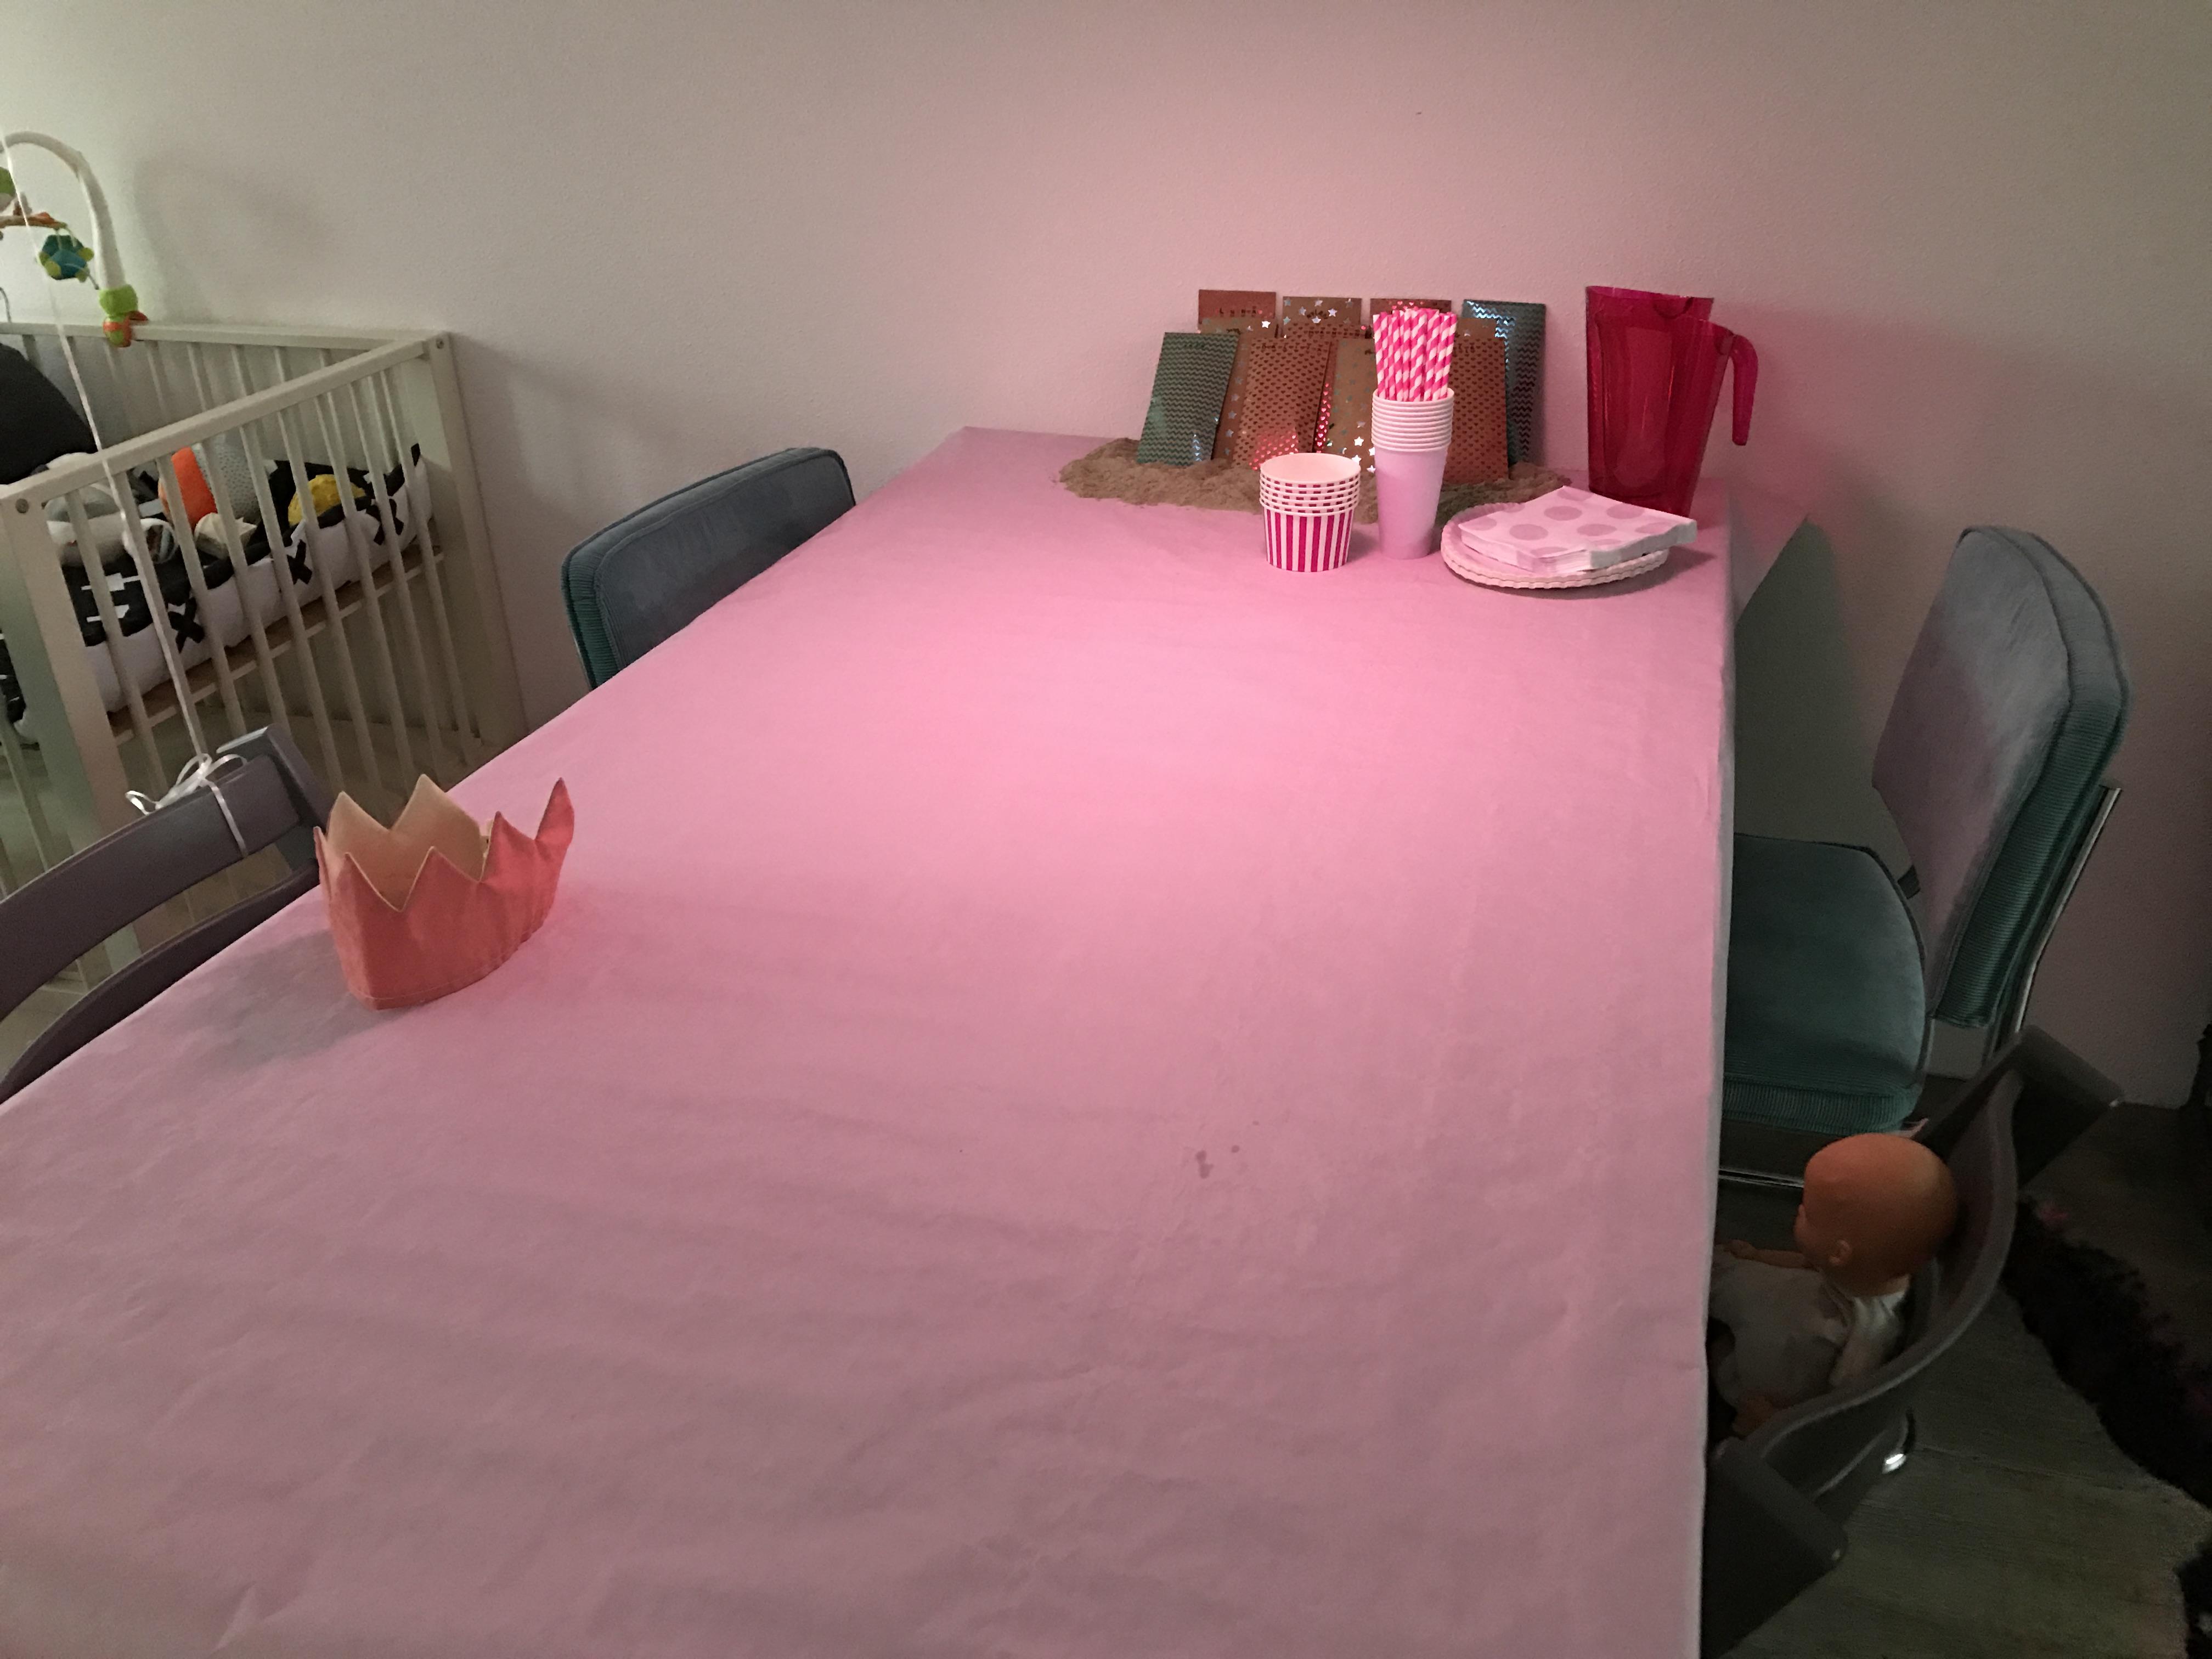 12-16-taart-zandkasteel-nola-2-jaar-verjaardag-verjaardagstaart-baby-meisje-kind-roze-thema-zand-dag-bestellen-balonnen-helium-nanny-moeder-amsterdam-diemen-vriendintafelkleed